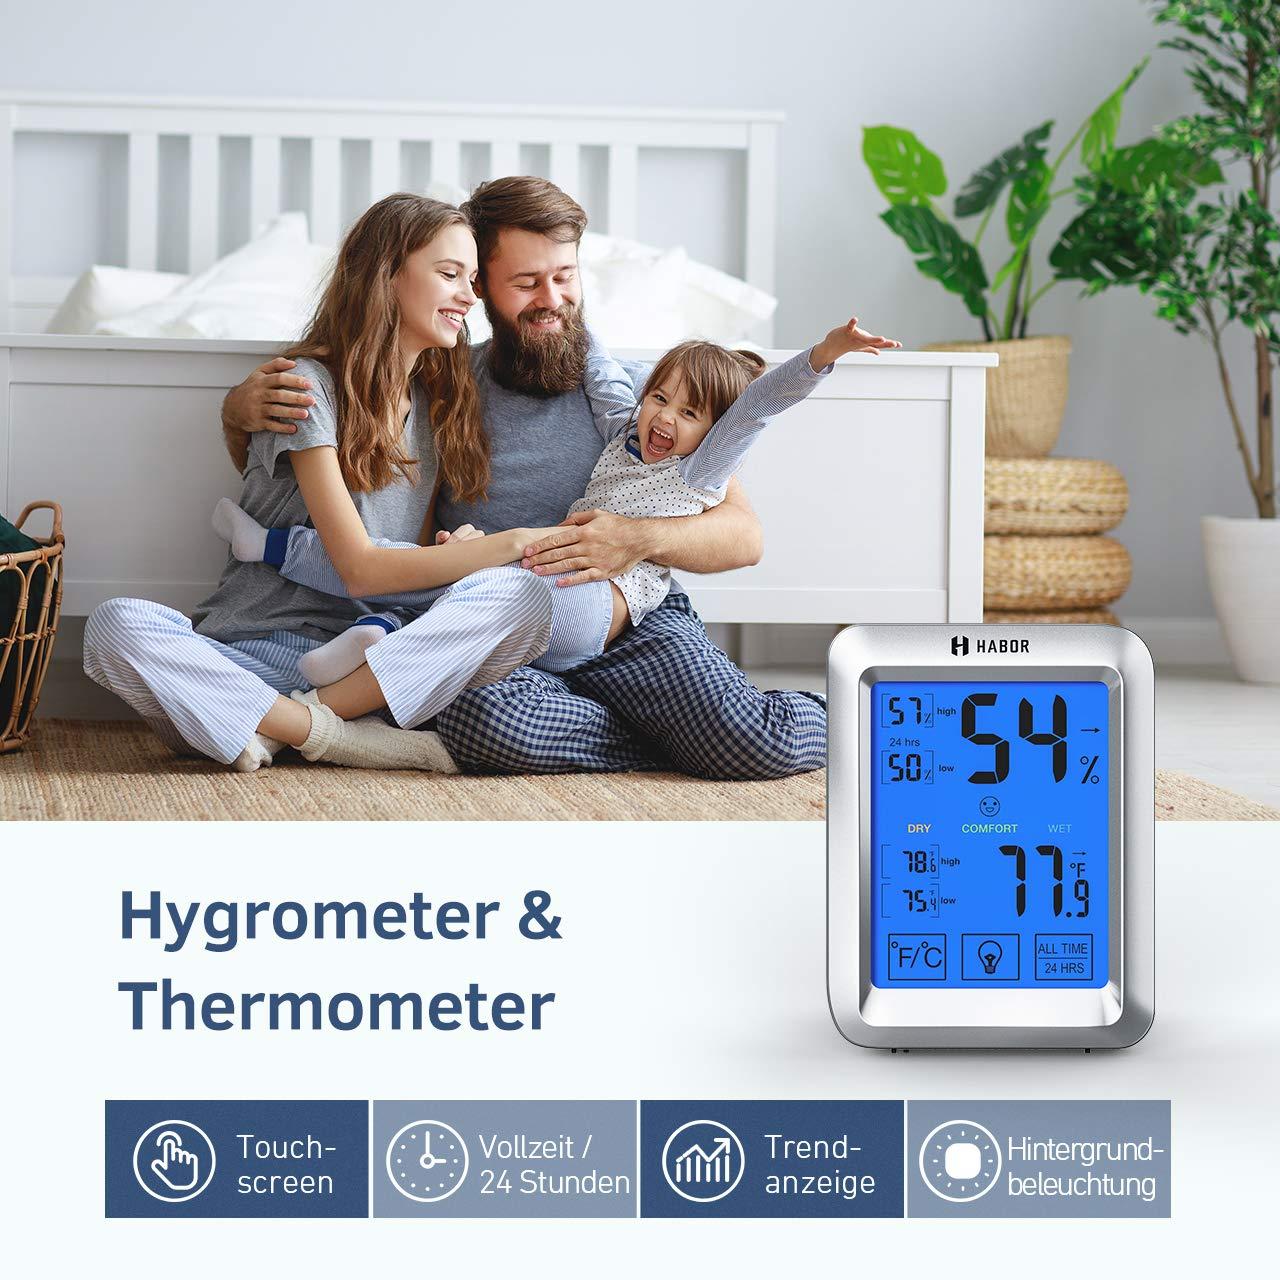 Habor Hygrometer Thermometer Innen, Raum Thermometer mit  Hintergrundbeleuchtung, Touchscreen Luftfeuchtigkeitsmessgerät Innen  Digitales Hygrometer